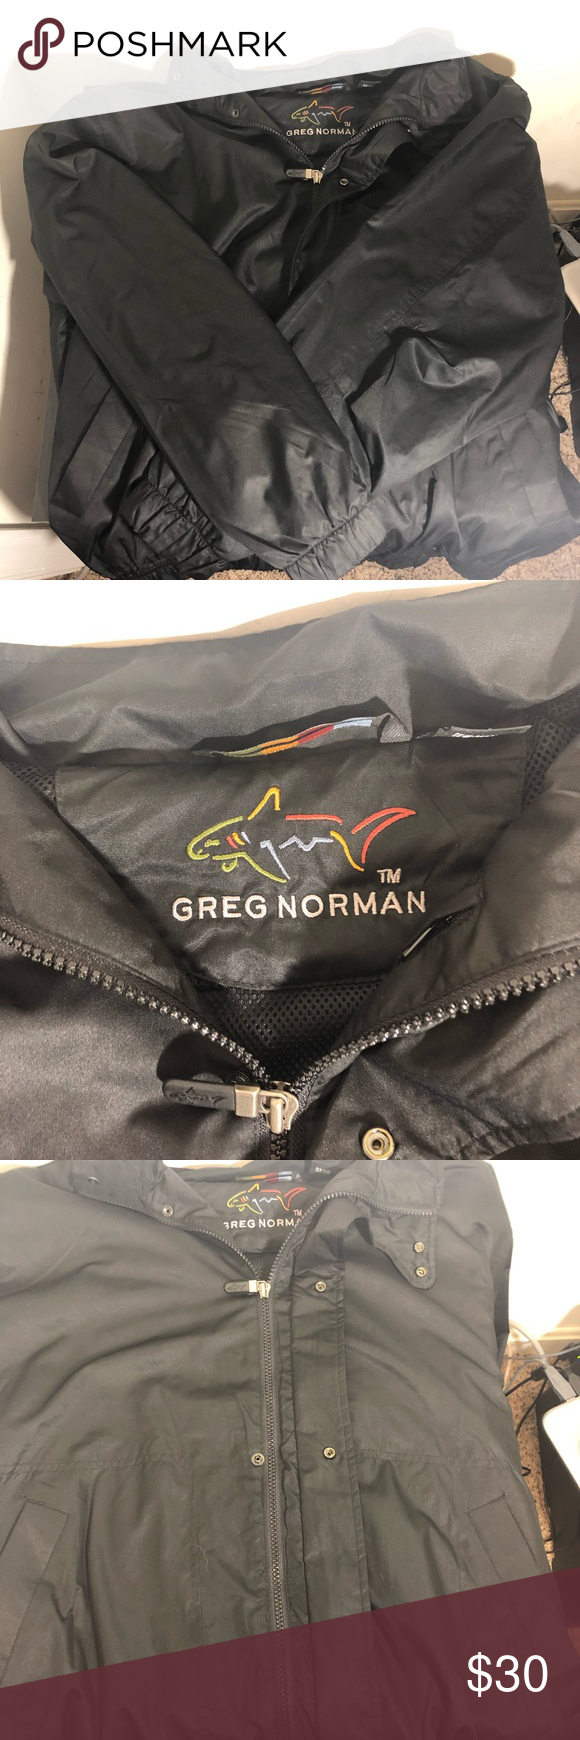 Men S Greg Norman Windbreaker Zip Up Size M Men S Greg Norman Windbreaker Zip Up Size Medium Great For Golf Size Medium But R Zip Ups Windbreaker Greg Norman